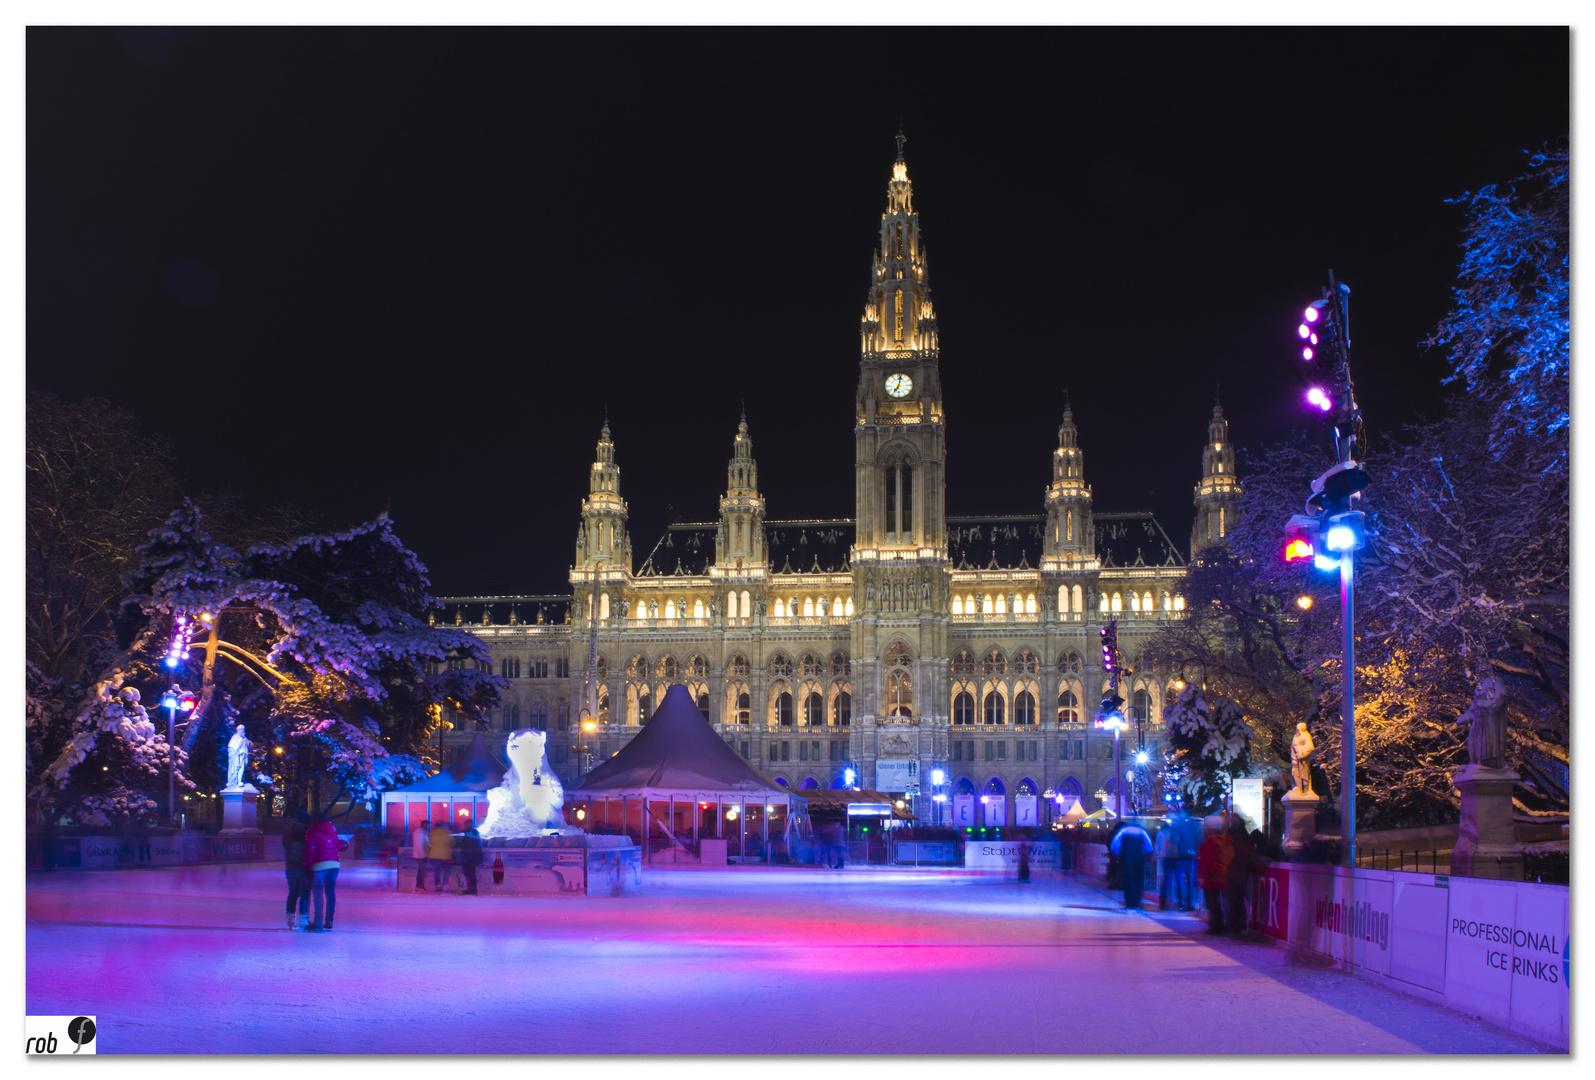 Vienna Winter Wonderland #2